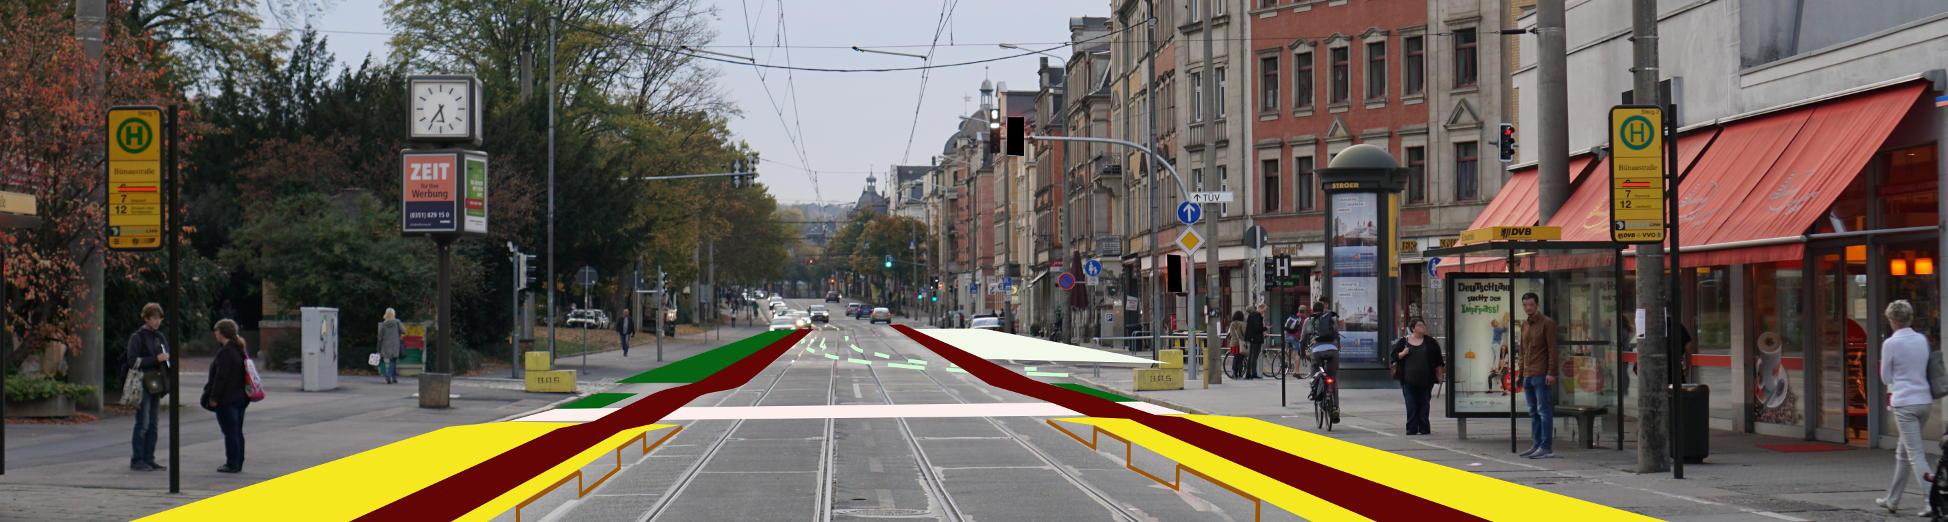 Boulevard Löbtau mit reduzierter Streifenzahl